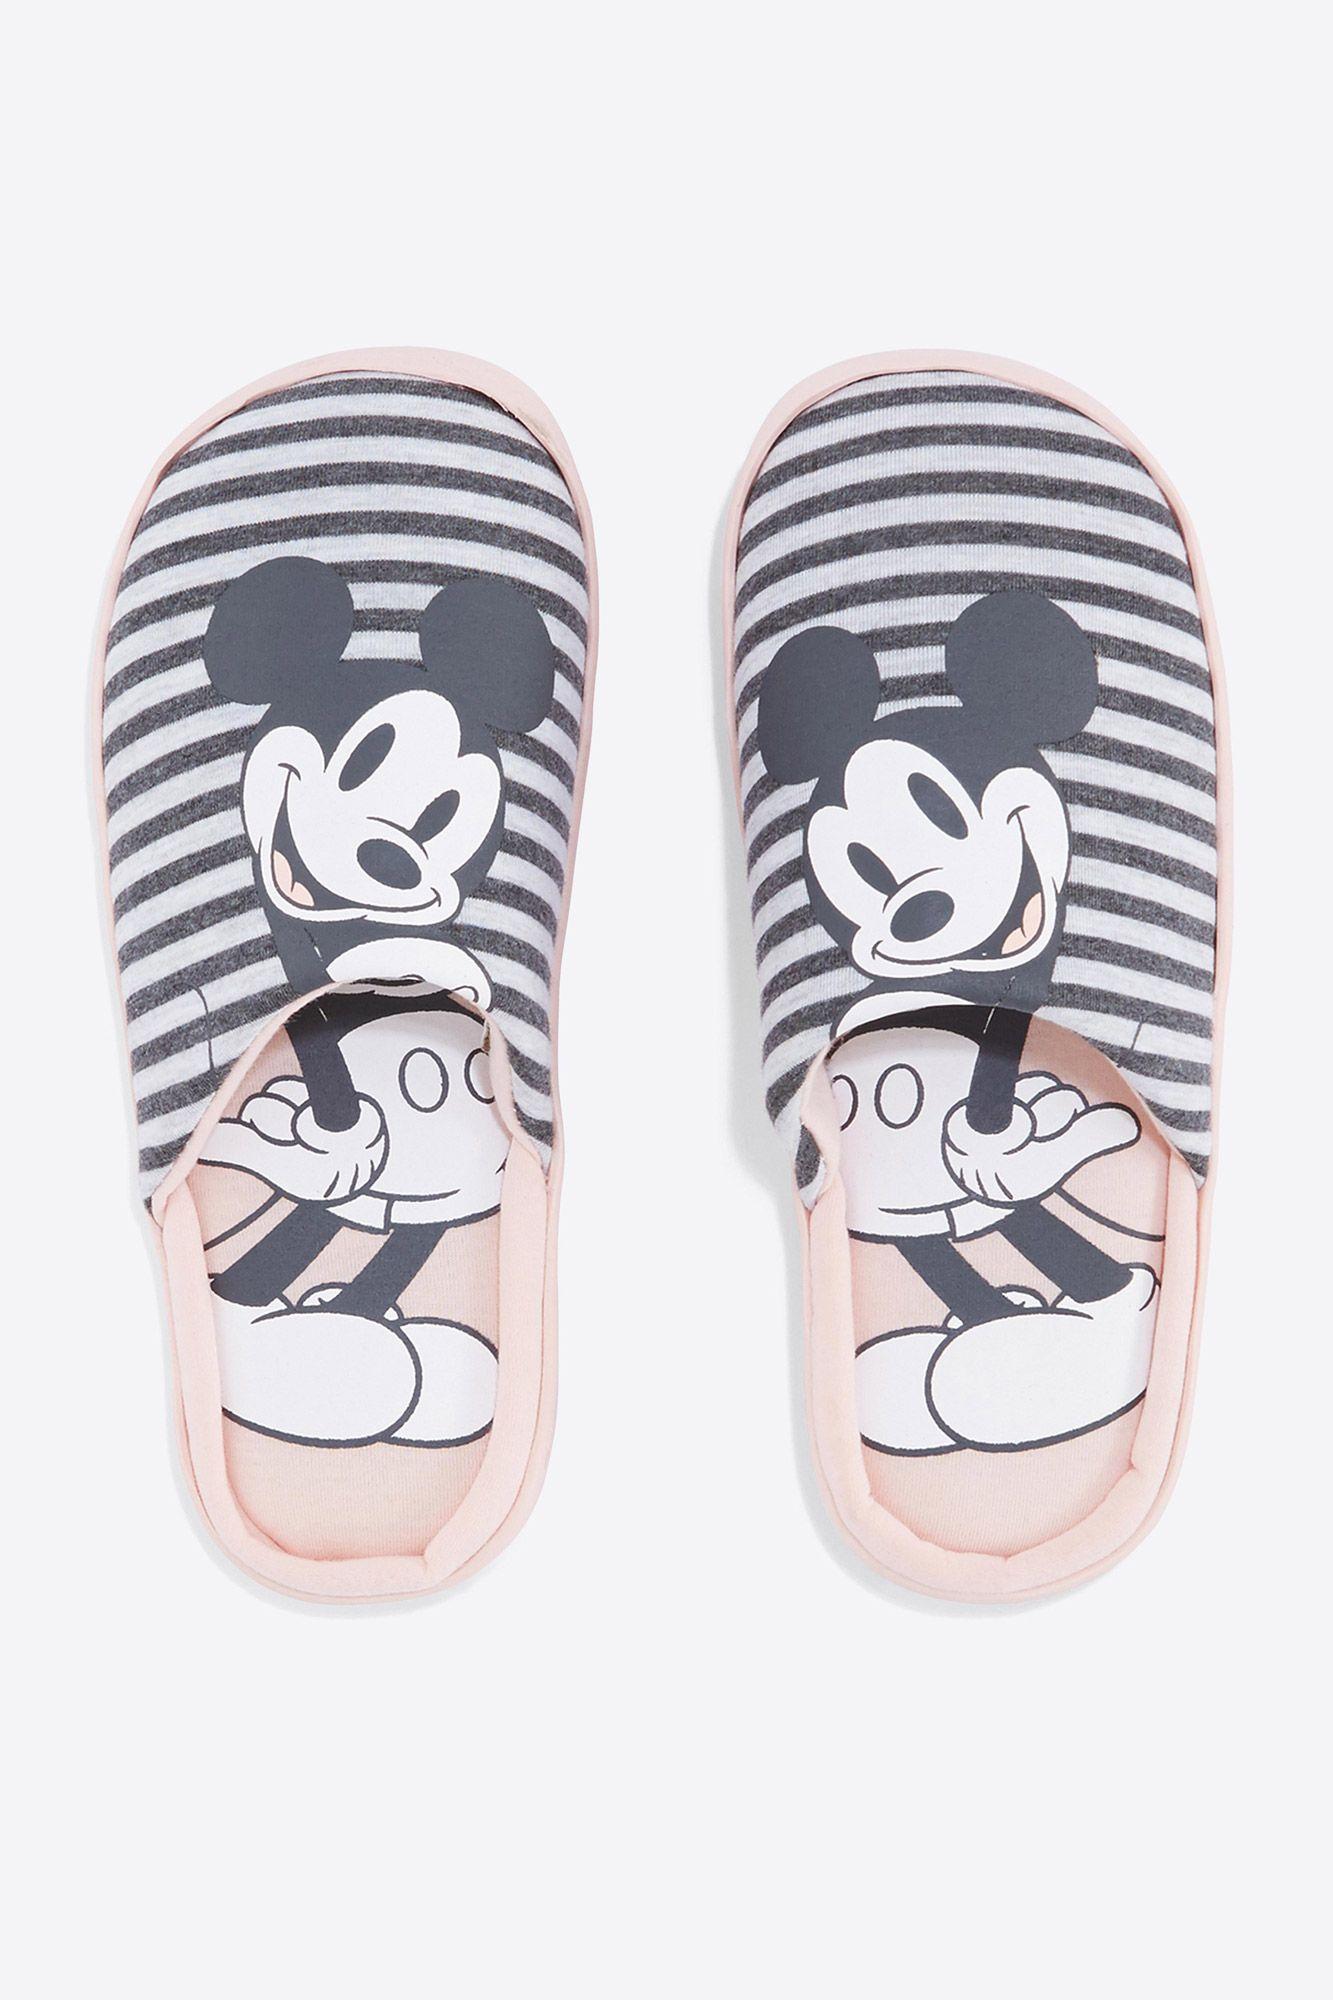 441fe60f02 Women´secret - Zapatillas abiertas de Mickey Mouse